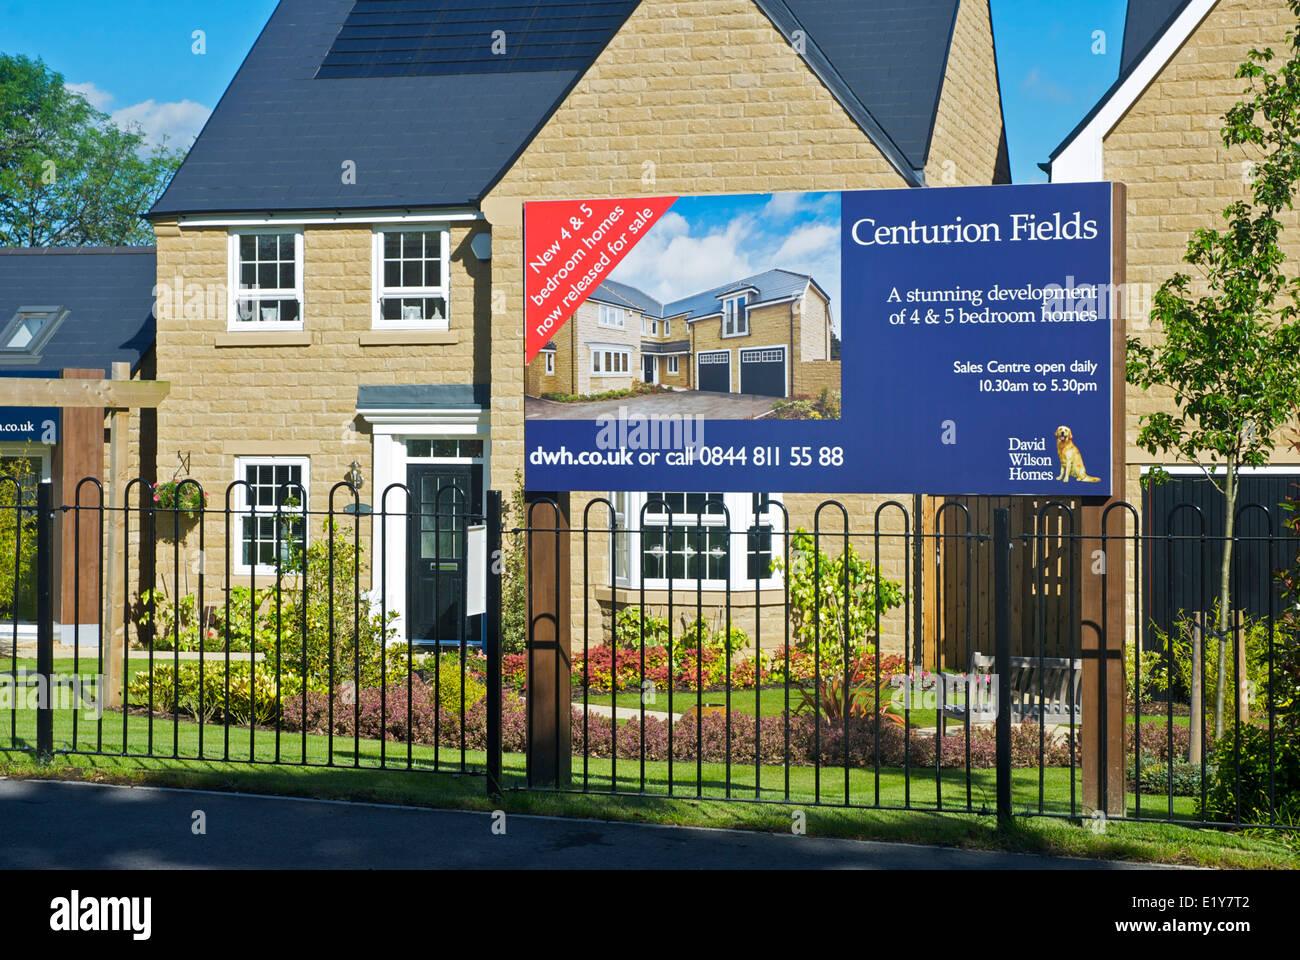 New Housing Development : New housing development centurion fields in adel near